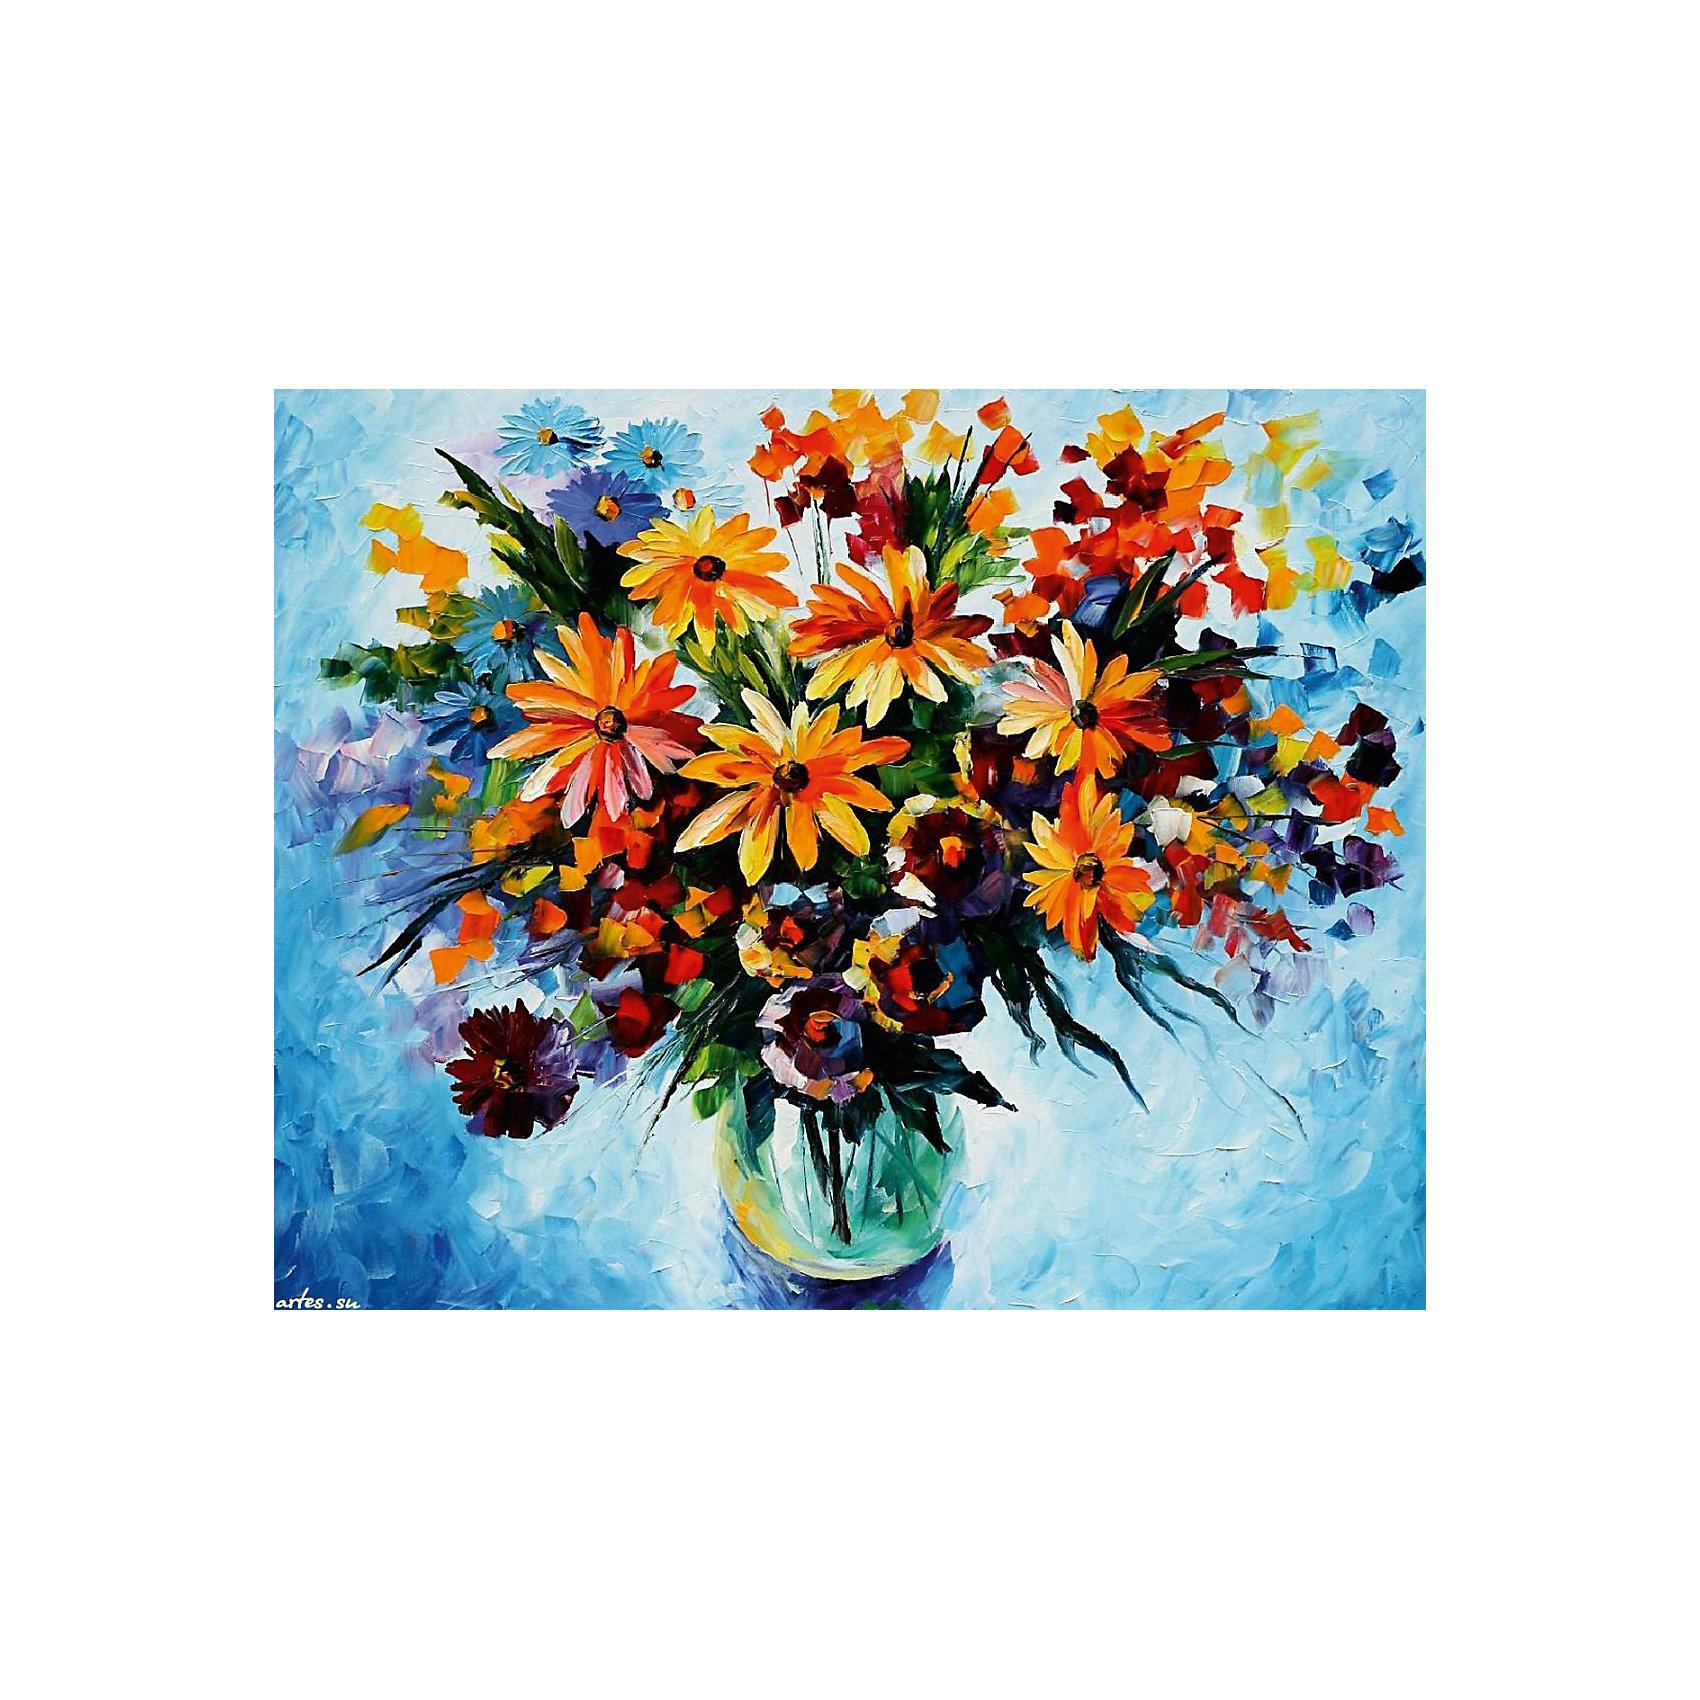 Живопись на холсте 30*40 см Разноцветные ромашкиРаскраски по номерам<br>Характеристики товара:<br><br>• цвет: разноцветный<br>• материал: акрил, картон<br>• размер: 30 x 40 см<br>• комплектация: полотно на подрамнике с контурами рисунка, пробный лист с рисунком, набор акриловых красок, три кисти, крепление на стену для картины<br>• для детей от шести лет и взрослых<br>• не требует специальных навыков<br>• страна бренда: Китай<br>• страна изготовитель: Китай<br><br>Как с удовольствием и пользой провести время? Порисовать! Это занятие, которое любят многие дети и взрослые. Рисование помогает развить важные навыки и просто приносит удовольствие! Чтобы вселить в ребенка уверенность в своих силах, можно предложить ему этот набор - в нем уже есть сюжет, контуры рисунка и участки с номерами, которые обозначают определенную краску из набора. Все оттенки уже готовы, задача художника - аккуратно, с помощью кисточек из набора, нанести краски на определенный участок полотна.<br>Взрослым также понравится этот процесс, рисовать можно и вместе с малышом! В итоге получается красивая картина, которой можно украсить интерьер. Рисование способствует развитию мелкой моторики, воображения, цветовосприятия, творческих способностей и усидчивости. Набор отлично проработан, сделан из качественных и проверенных материалов, которые безопасны для детей. Краски - акриловые, они быстро сохнут и легко смываются с кожи.<br><br>Живопись на холсте 30*40 см Разноцветные ромашки от торговой марки Белоснежка можно купить в нашем интернет-магазине.<br><br>Ширина мм: 410<br>Глубина мм: 310<br>Высота мм: 25<br>Вес г: 567<br>Возраст от месяцев: 72<br>Возраст до месяцев: 144<br>Пол: Унисекс<br>Возраст: Детский<br>SKU: 5089633